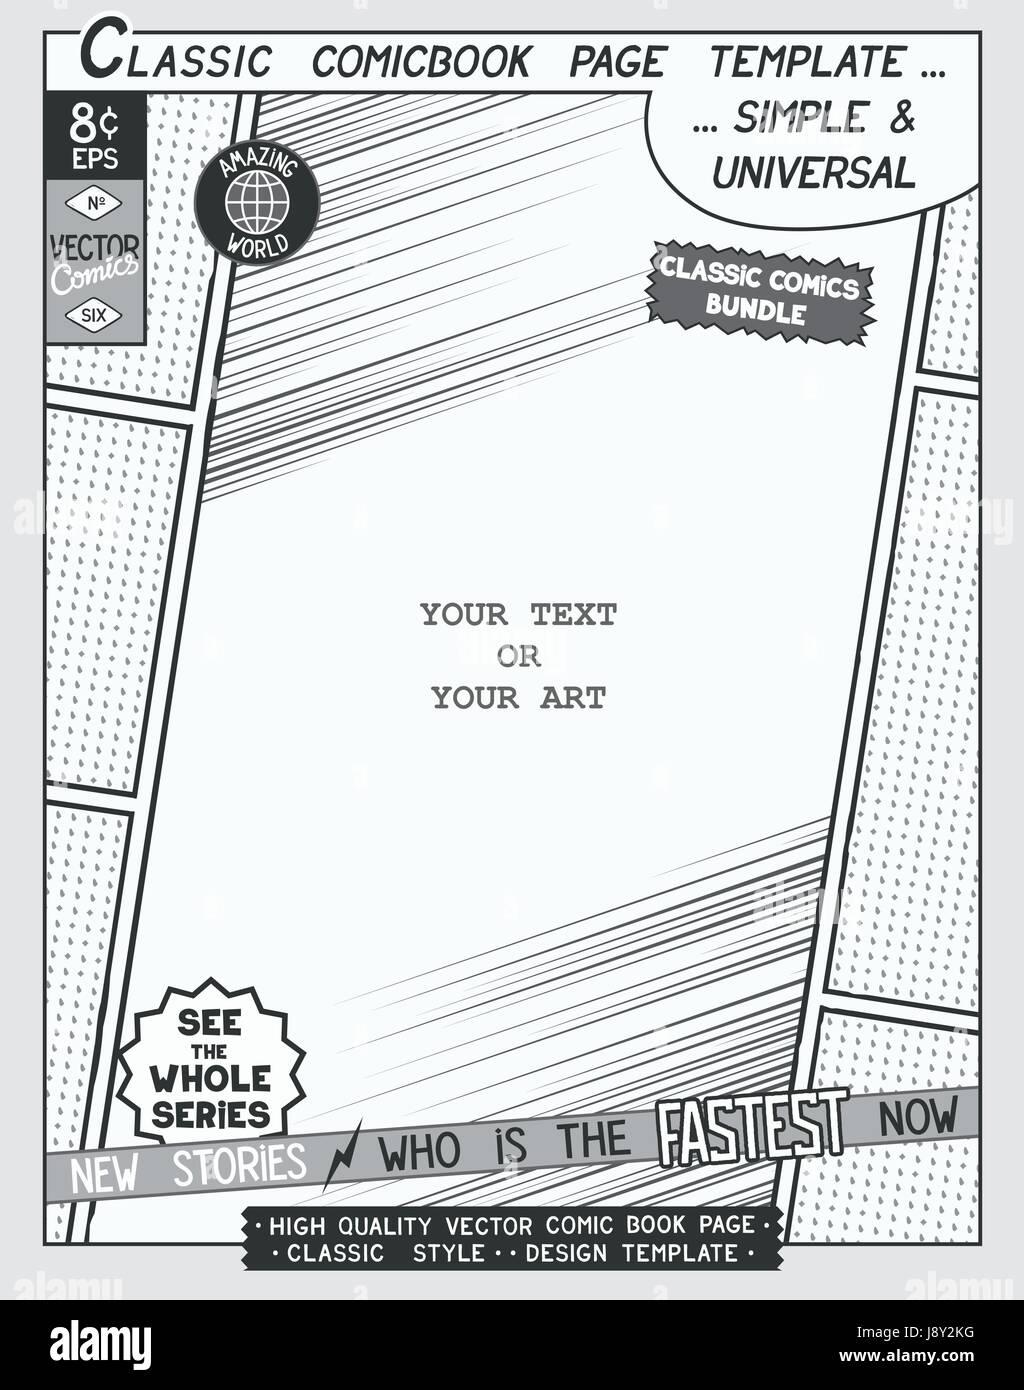 Freiraum-Comic-Buch-Seitenvorlage. Comics-Layout und mit Speed ...